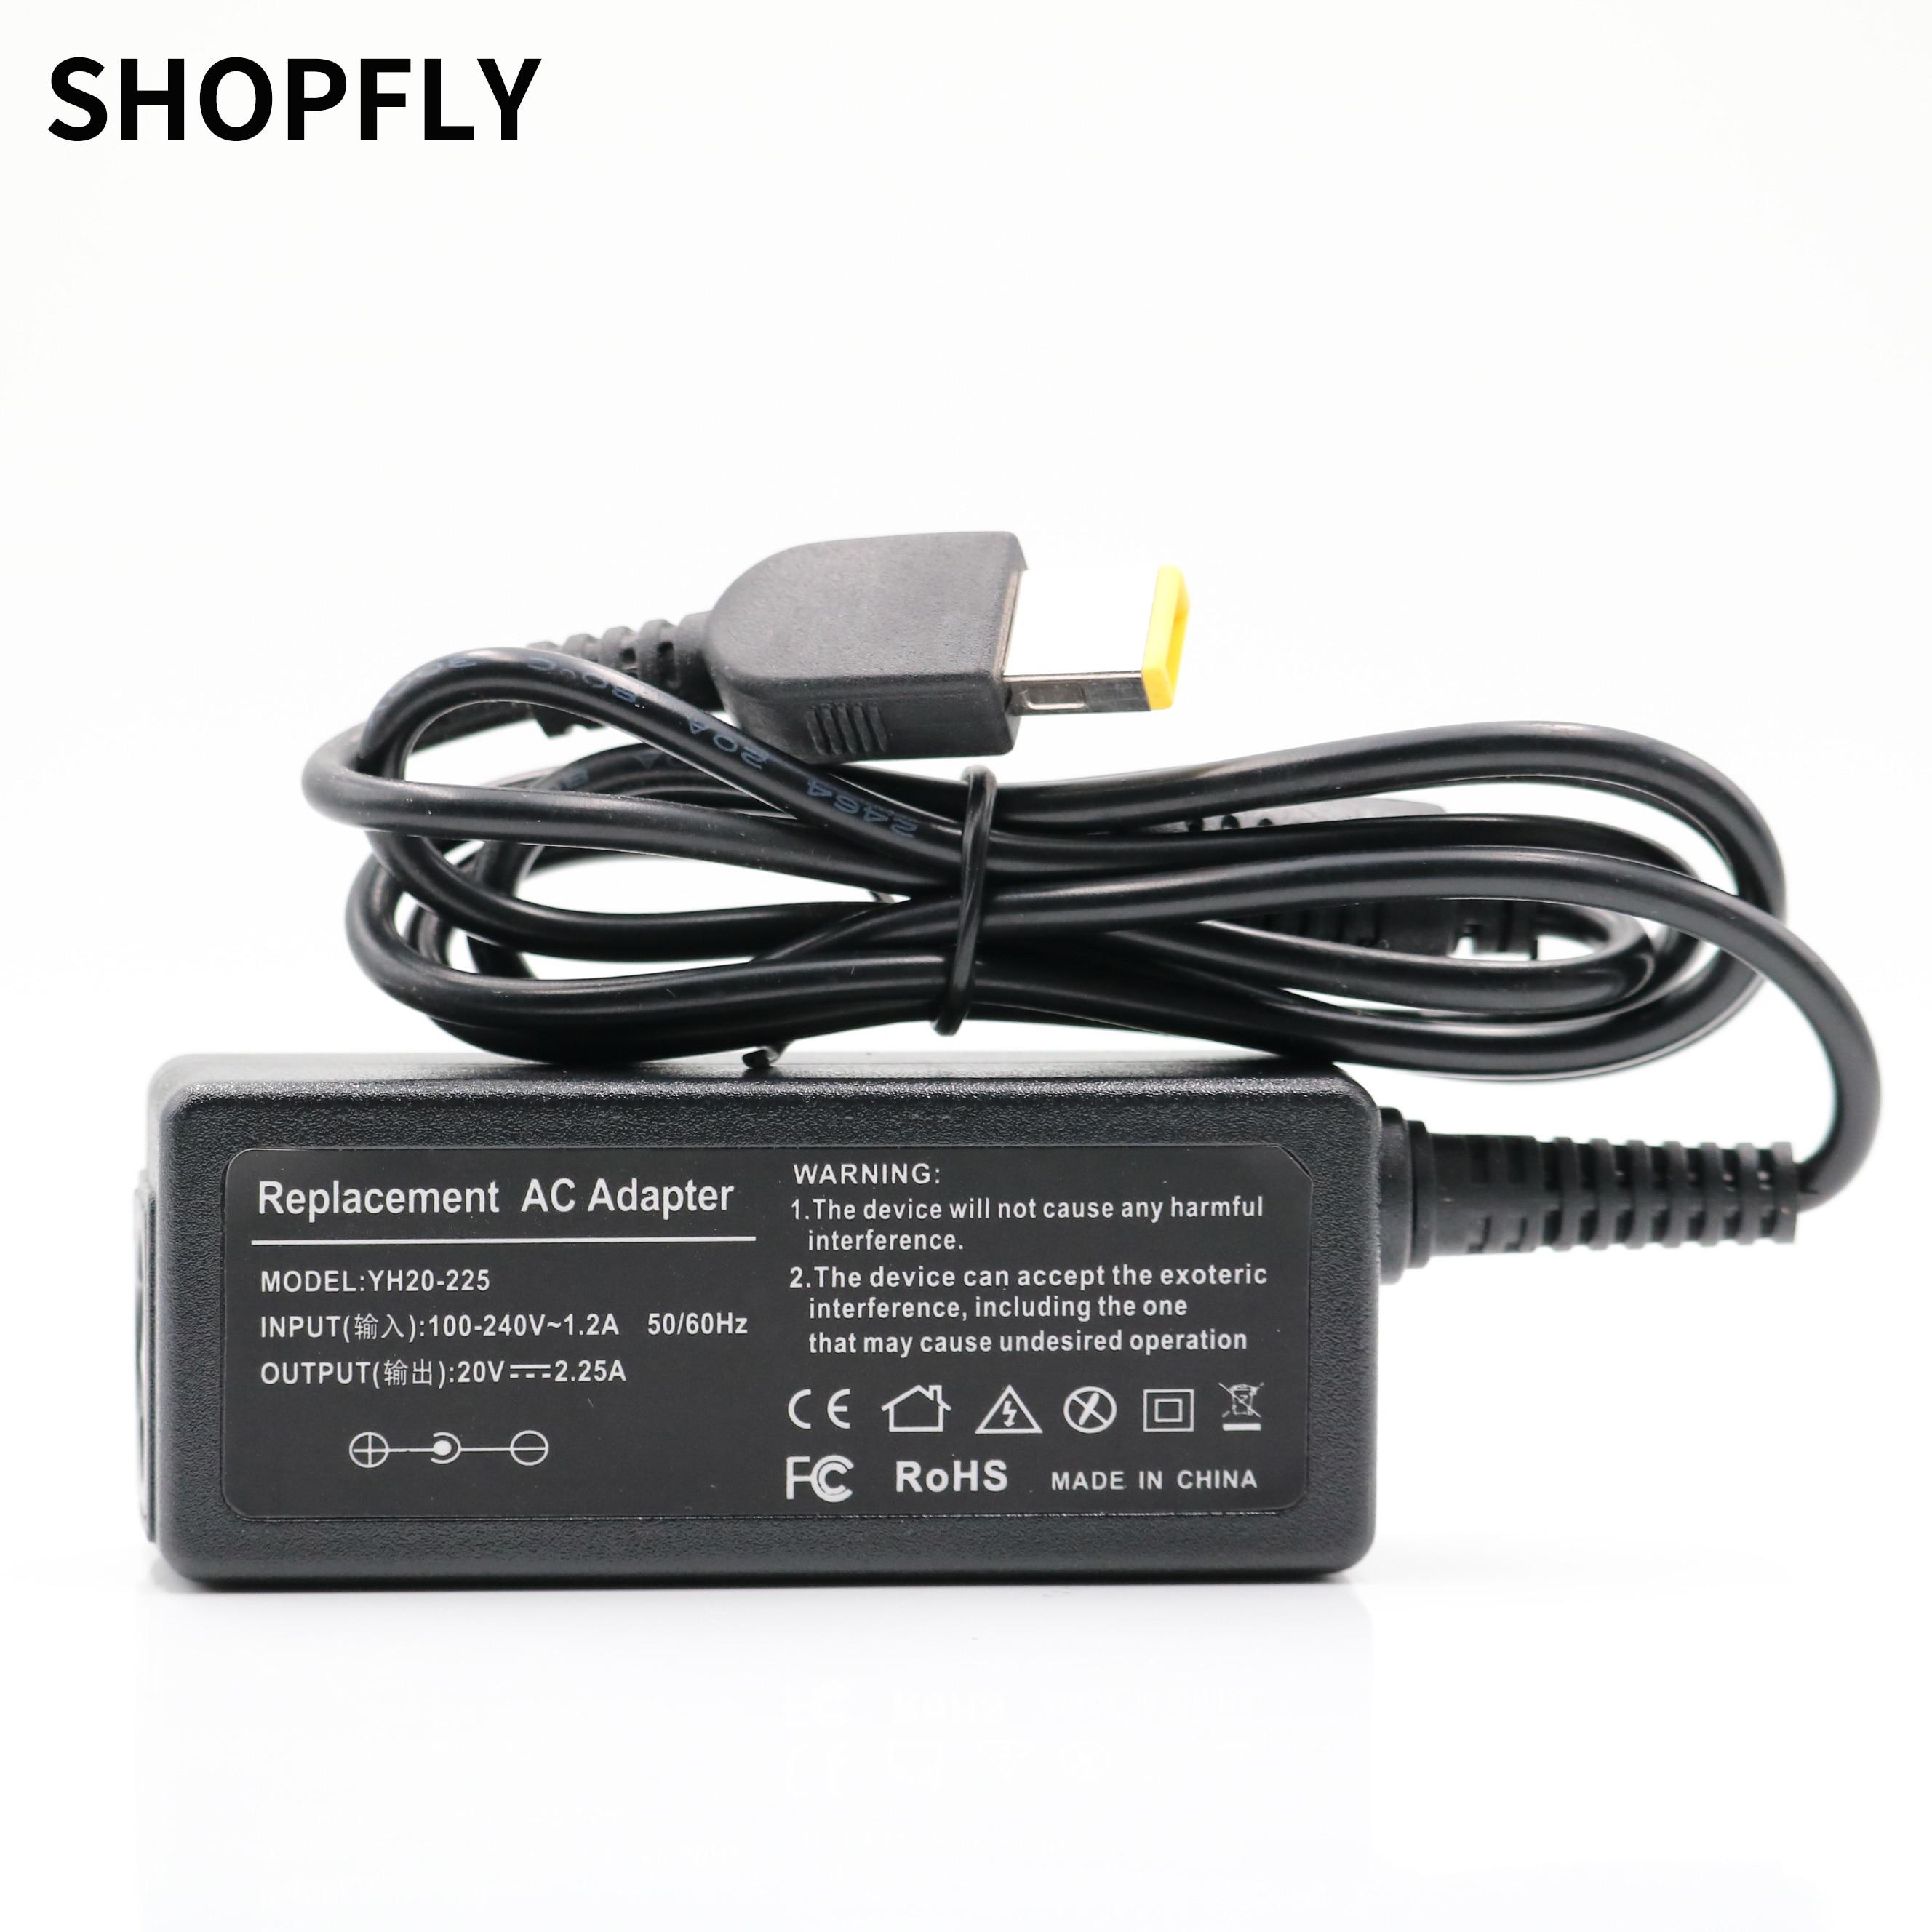 45 Вт ноутбук Ac адаптер питания зарядное устройство для lenovo Yoga 2 11 11S S1 K2450 T431S X230 X240 X240S 20 в 2.25A зарядное устройство для ноутбука